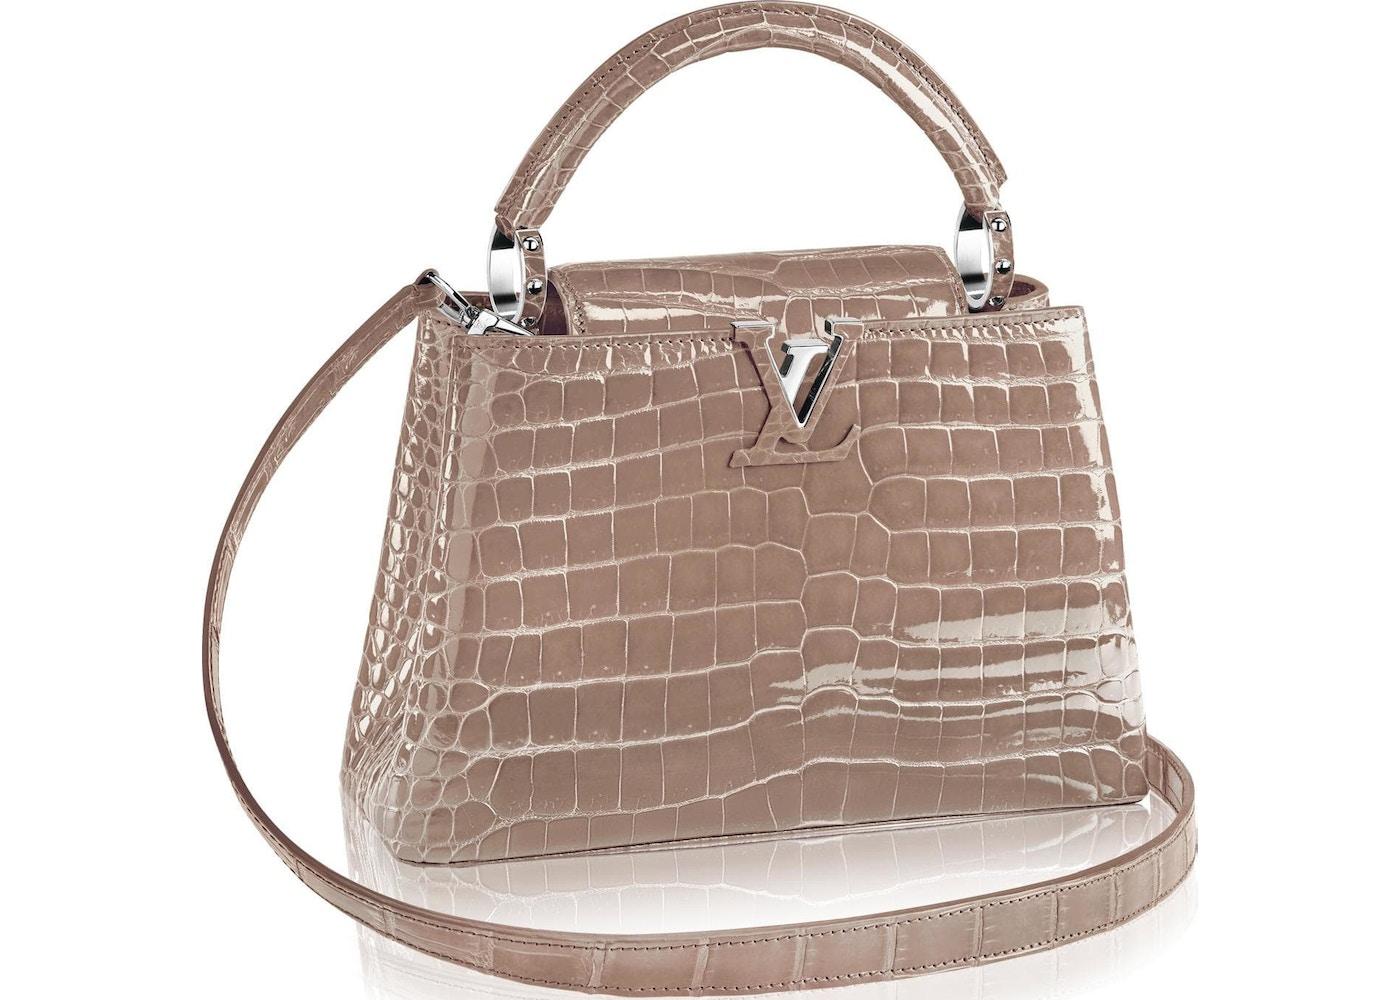 bbeeea4bbf49ec Louis Vuitton Capucines Crocodile Brillant Silver-tone PM Taupe